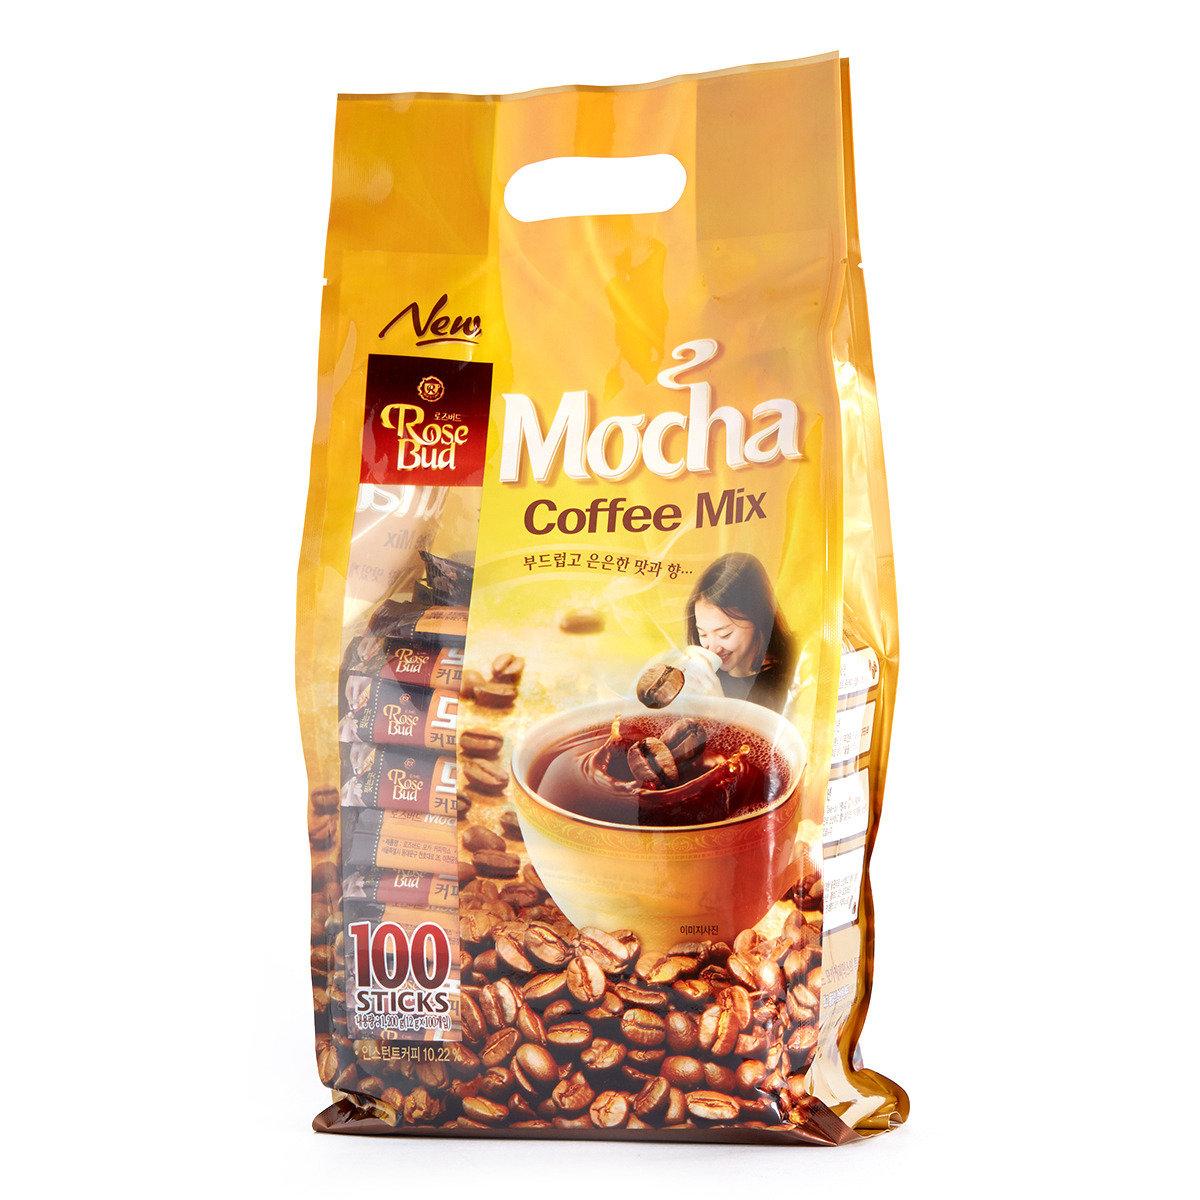 混合咖啡 - 朱古力咖啡味